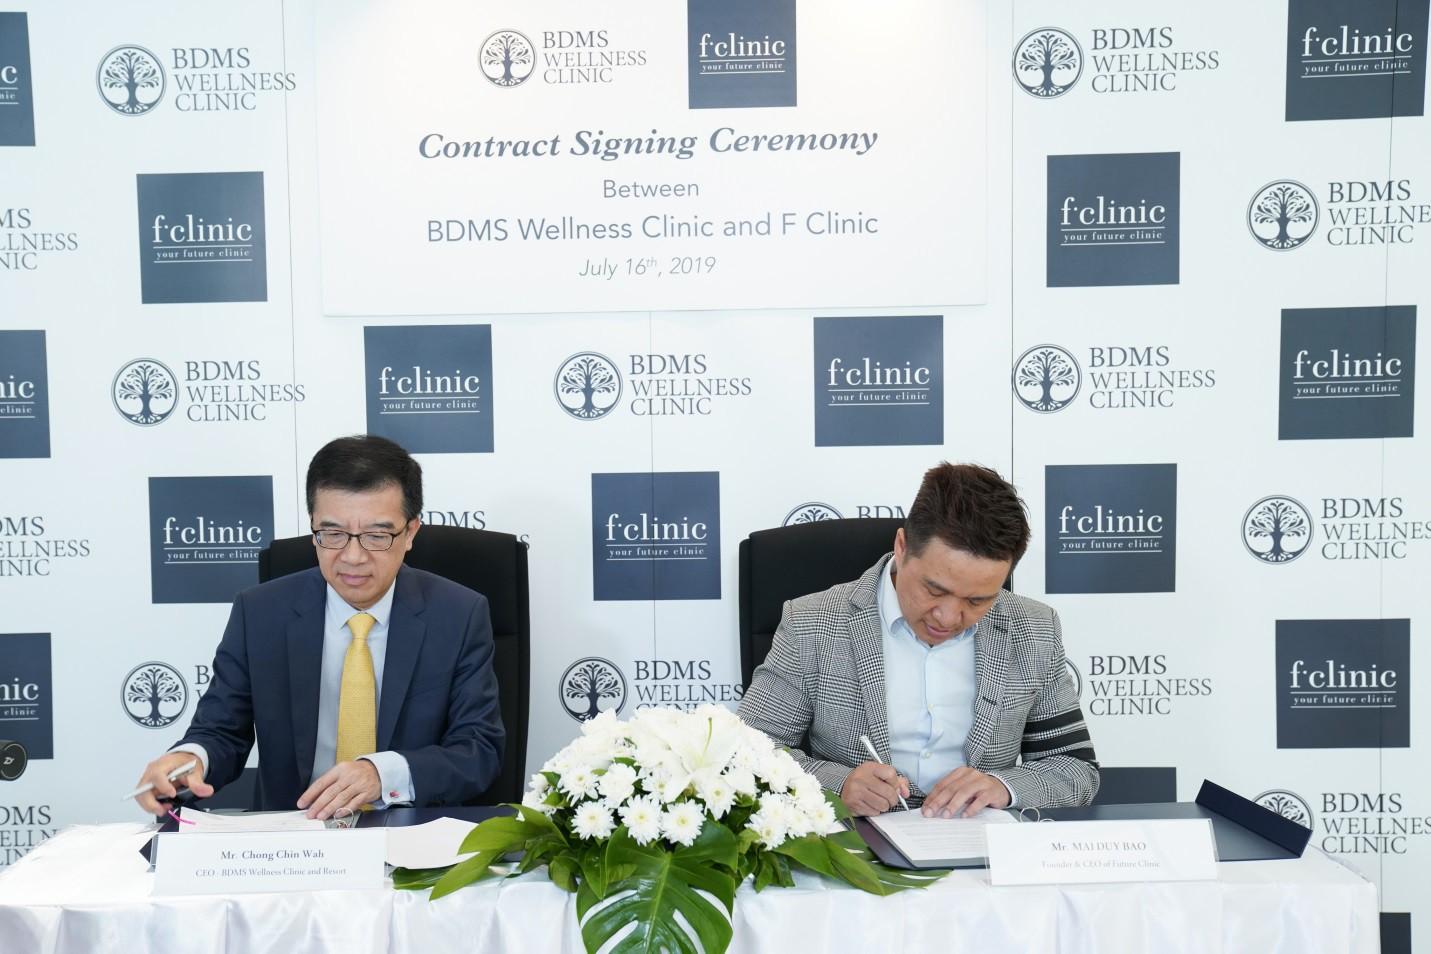 Future Clinic kết hợp BDMS Wellness Clinic Thái Lan đưa khoa học sức khỏe lên tầm tiêu chuẩn quốc tế - Ảnh 1.